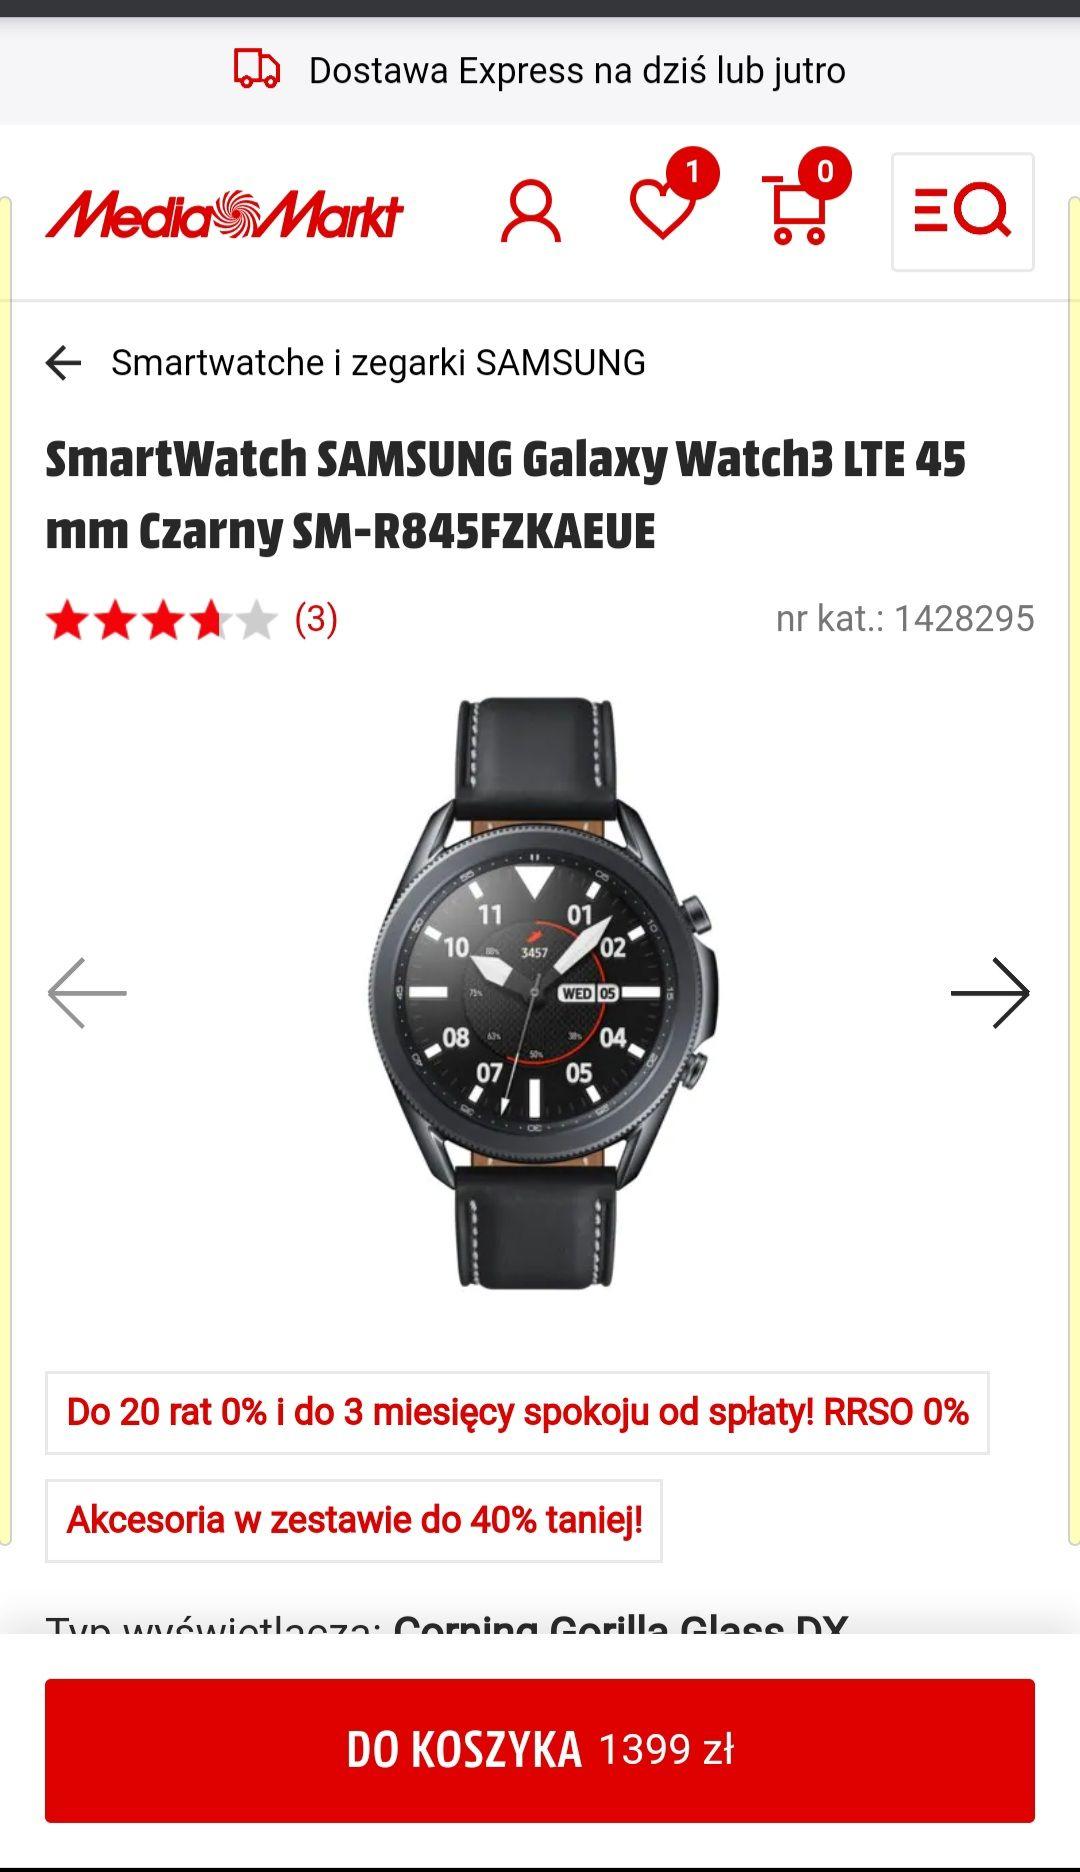 smartwatch Galaxy Watch 3 LTE 45mm Czarny